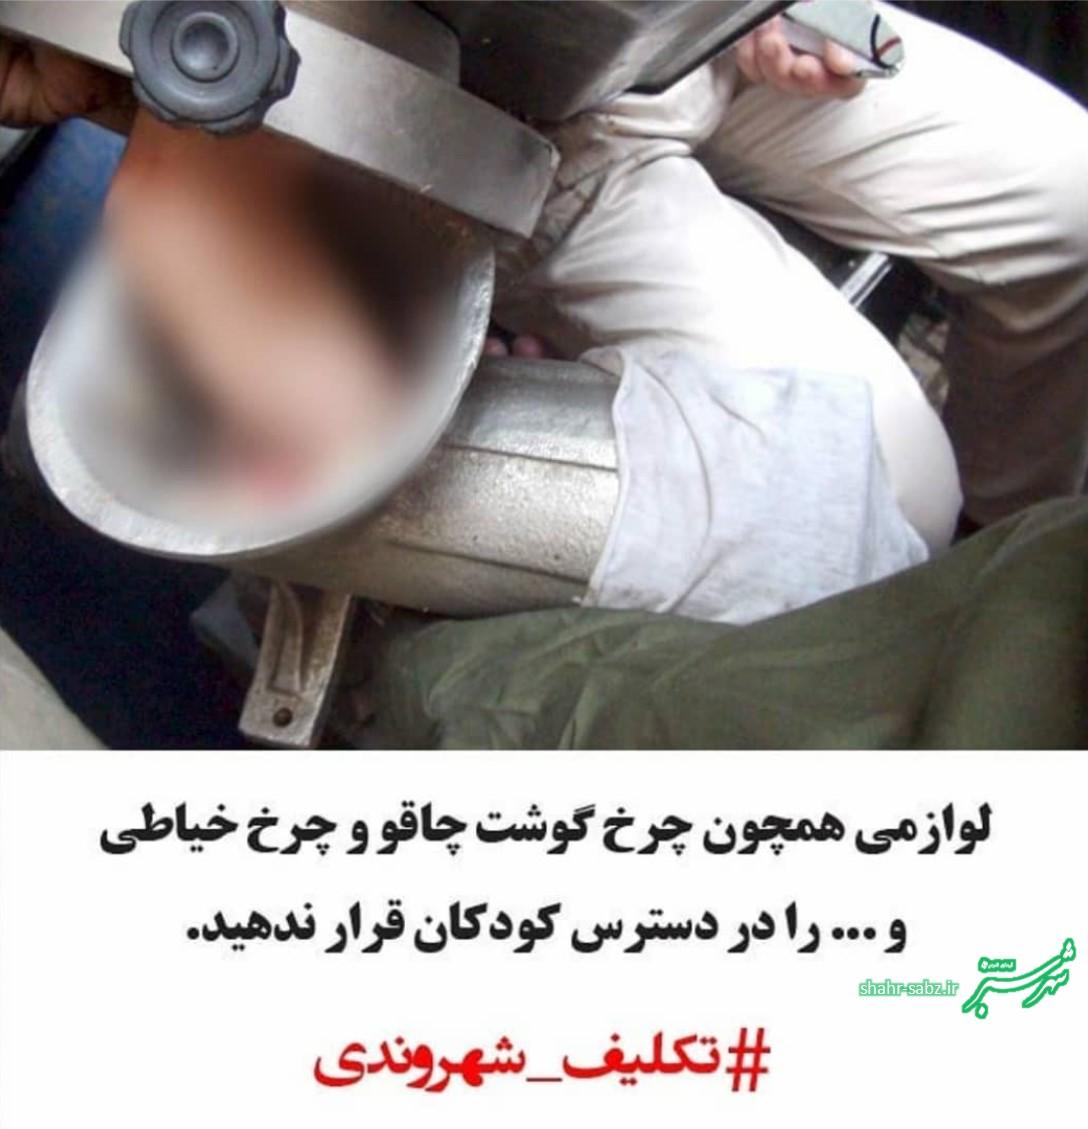 تکلیف شهروندی: چرخ گوشت